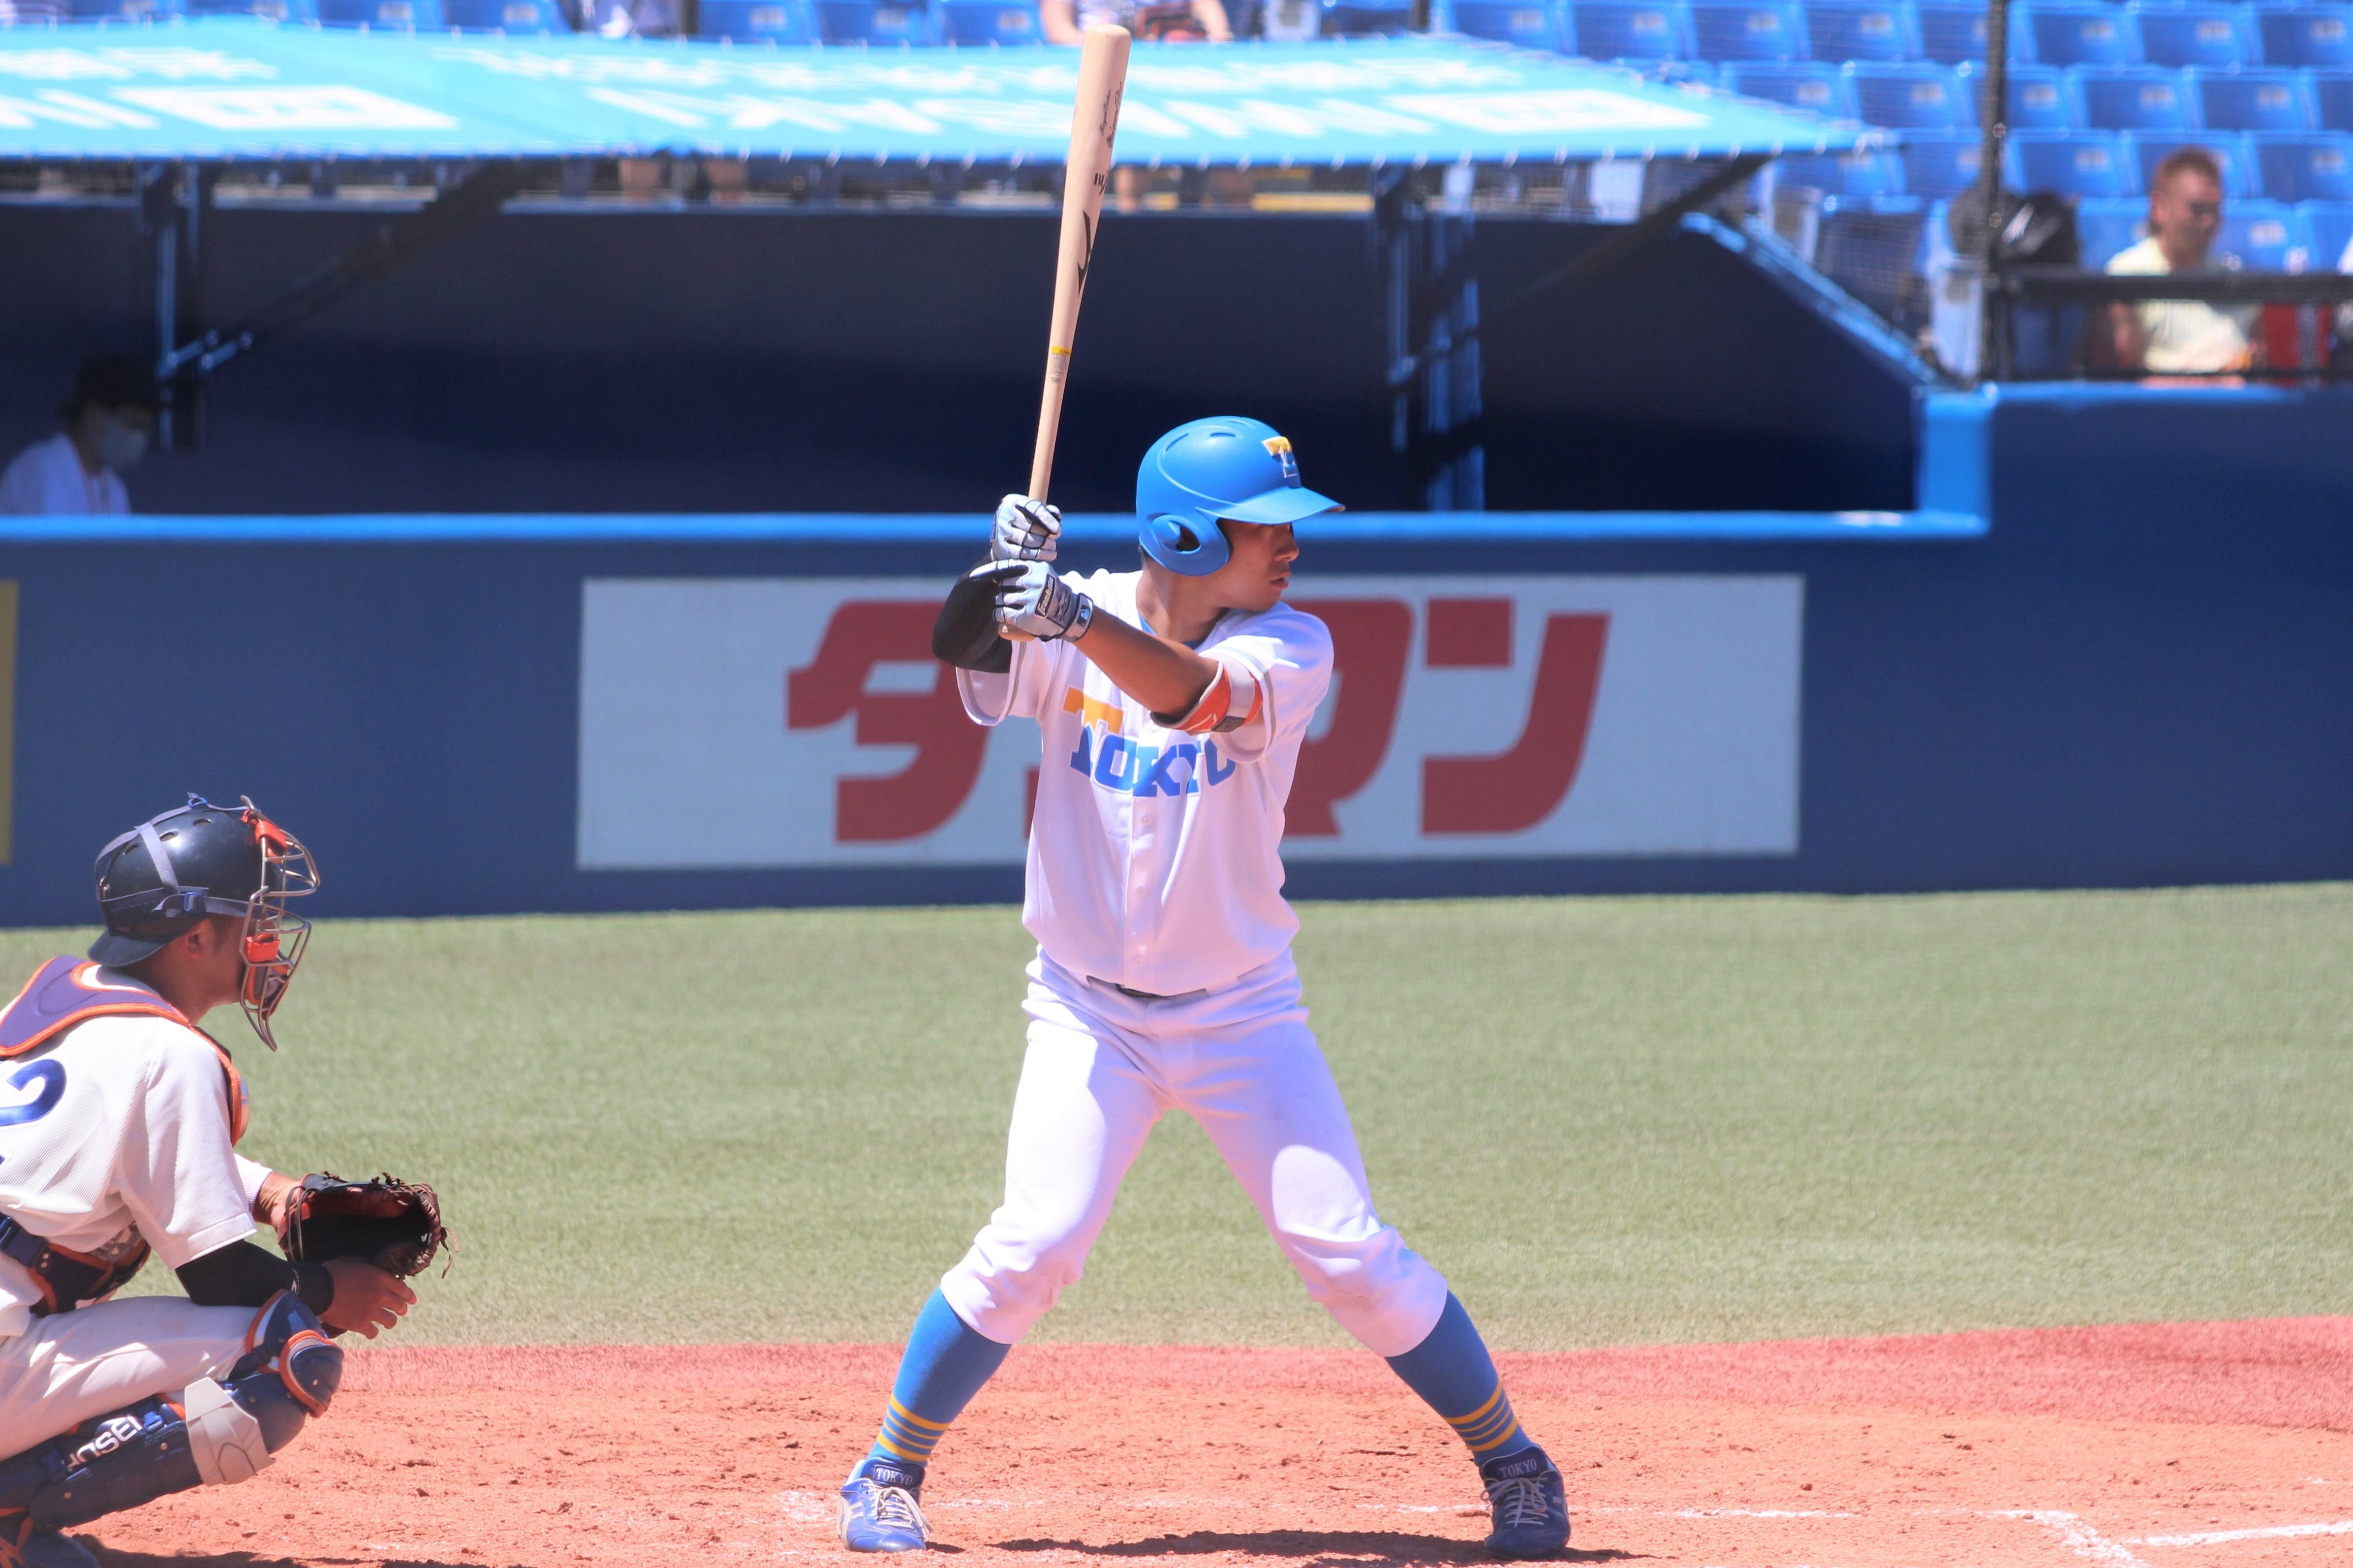 六 大学 2020 東京 野球 2020年 東京六大学野球秋季リーグ戦